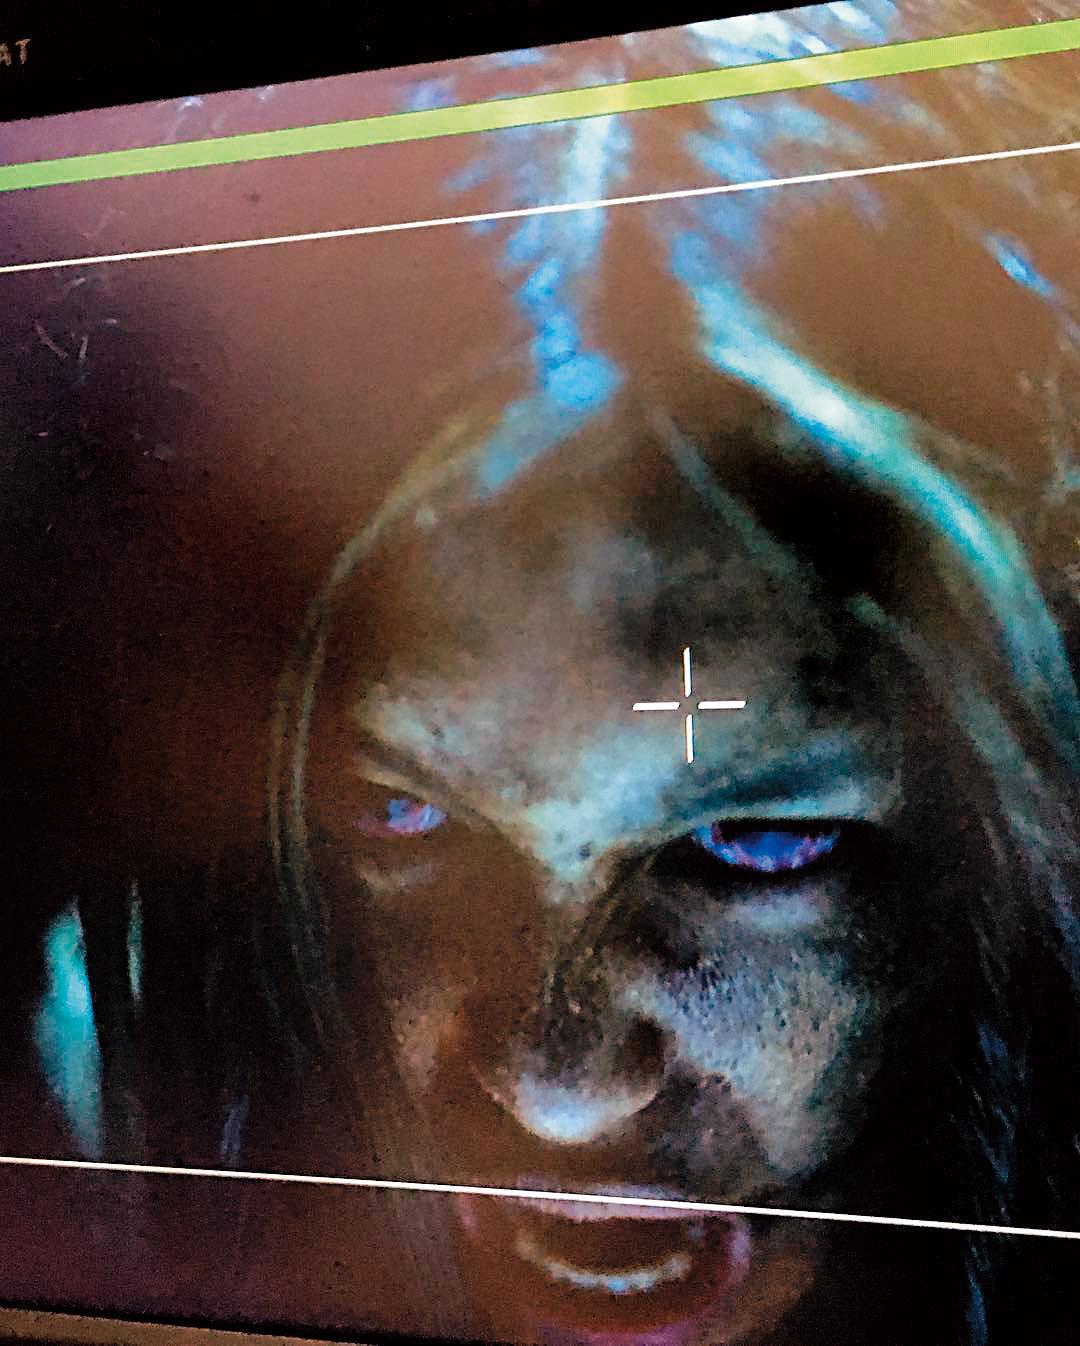 當時劉奕兒每天要花2小時做特殊化妝,她怕鬼,卻深愛演出怪物。(翻攝自劉奕兒IG)